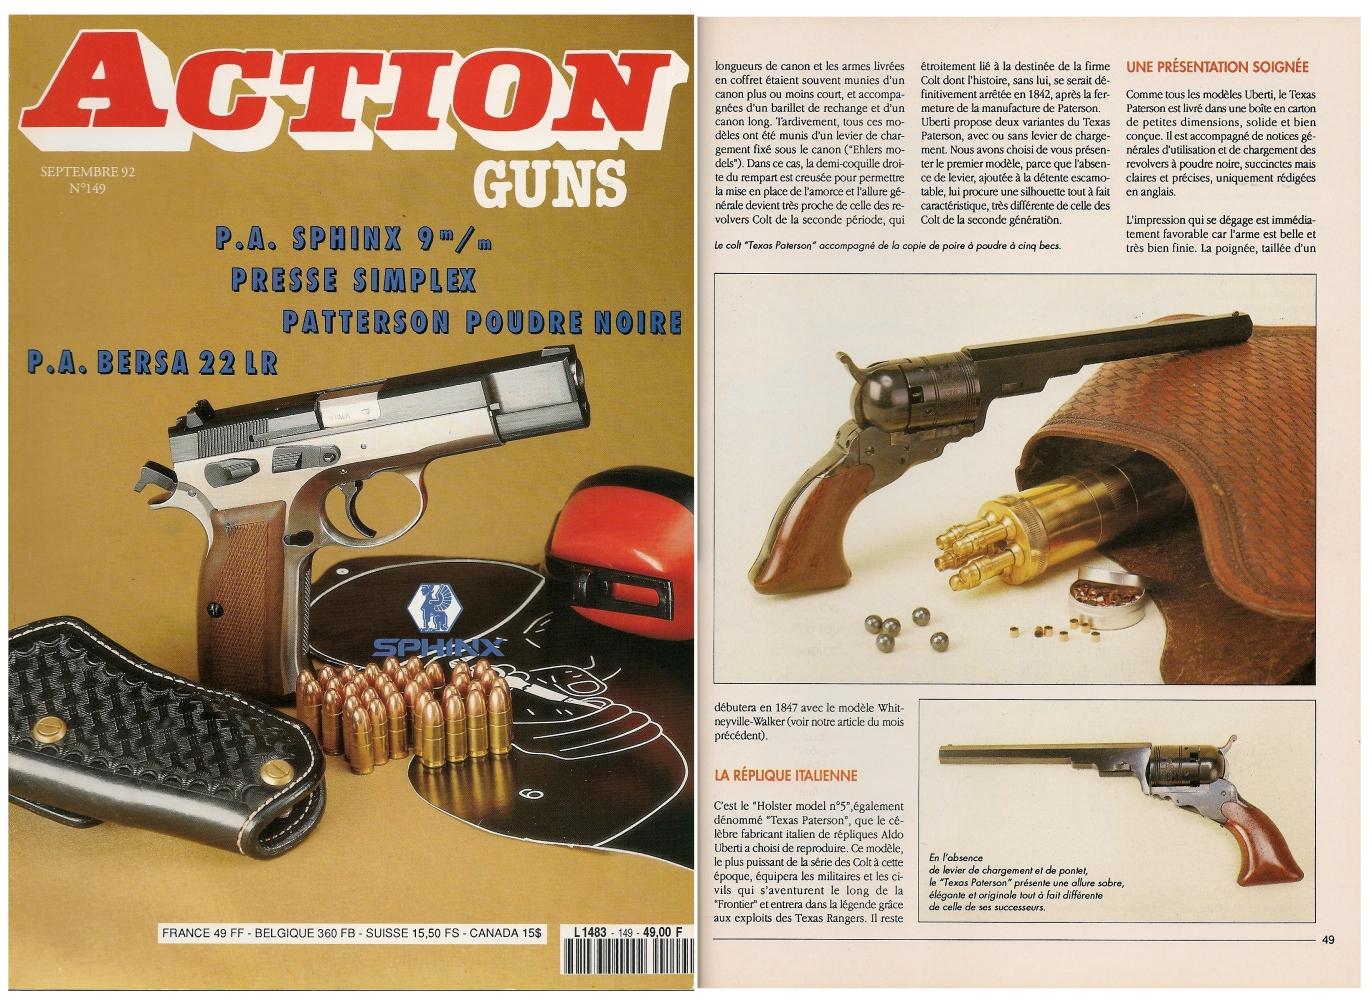 Le banc d'essai de la réplique du Colt Texas Paterson a été publié sur 5 pages dans le magazine Action Guns n°149 (septembre 1992).